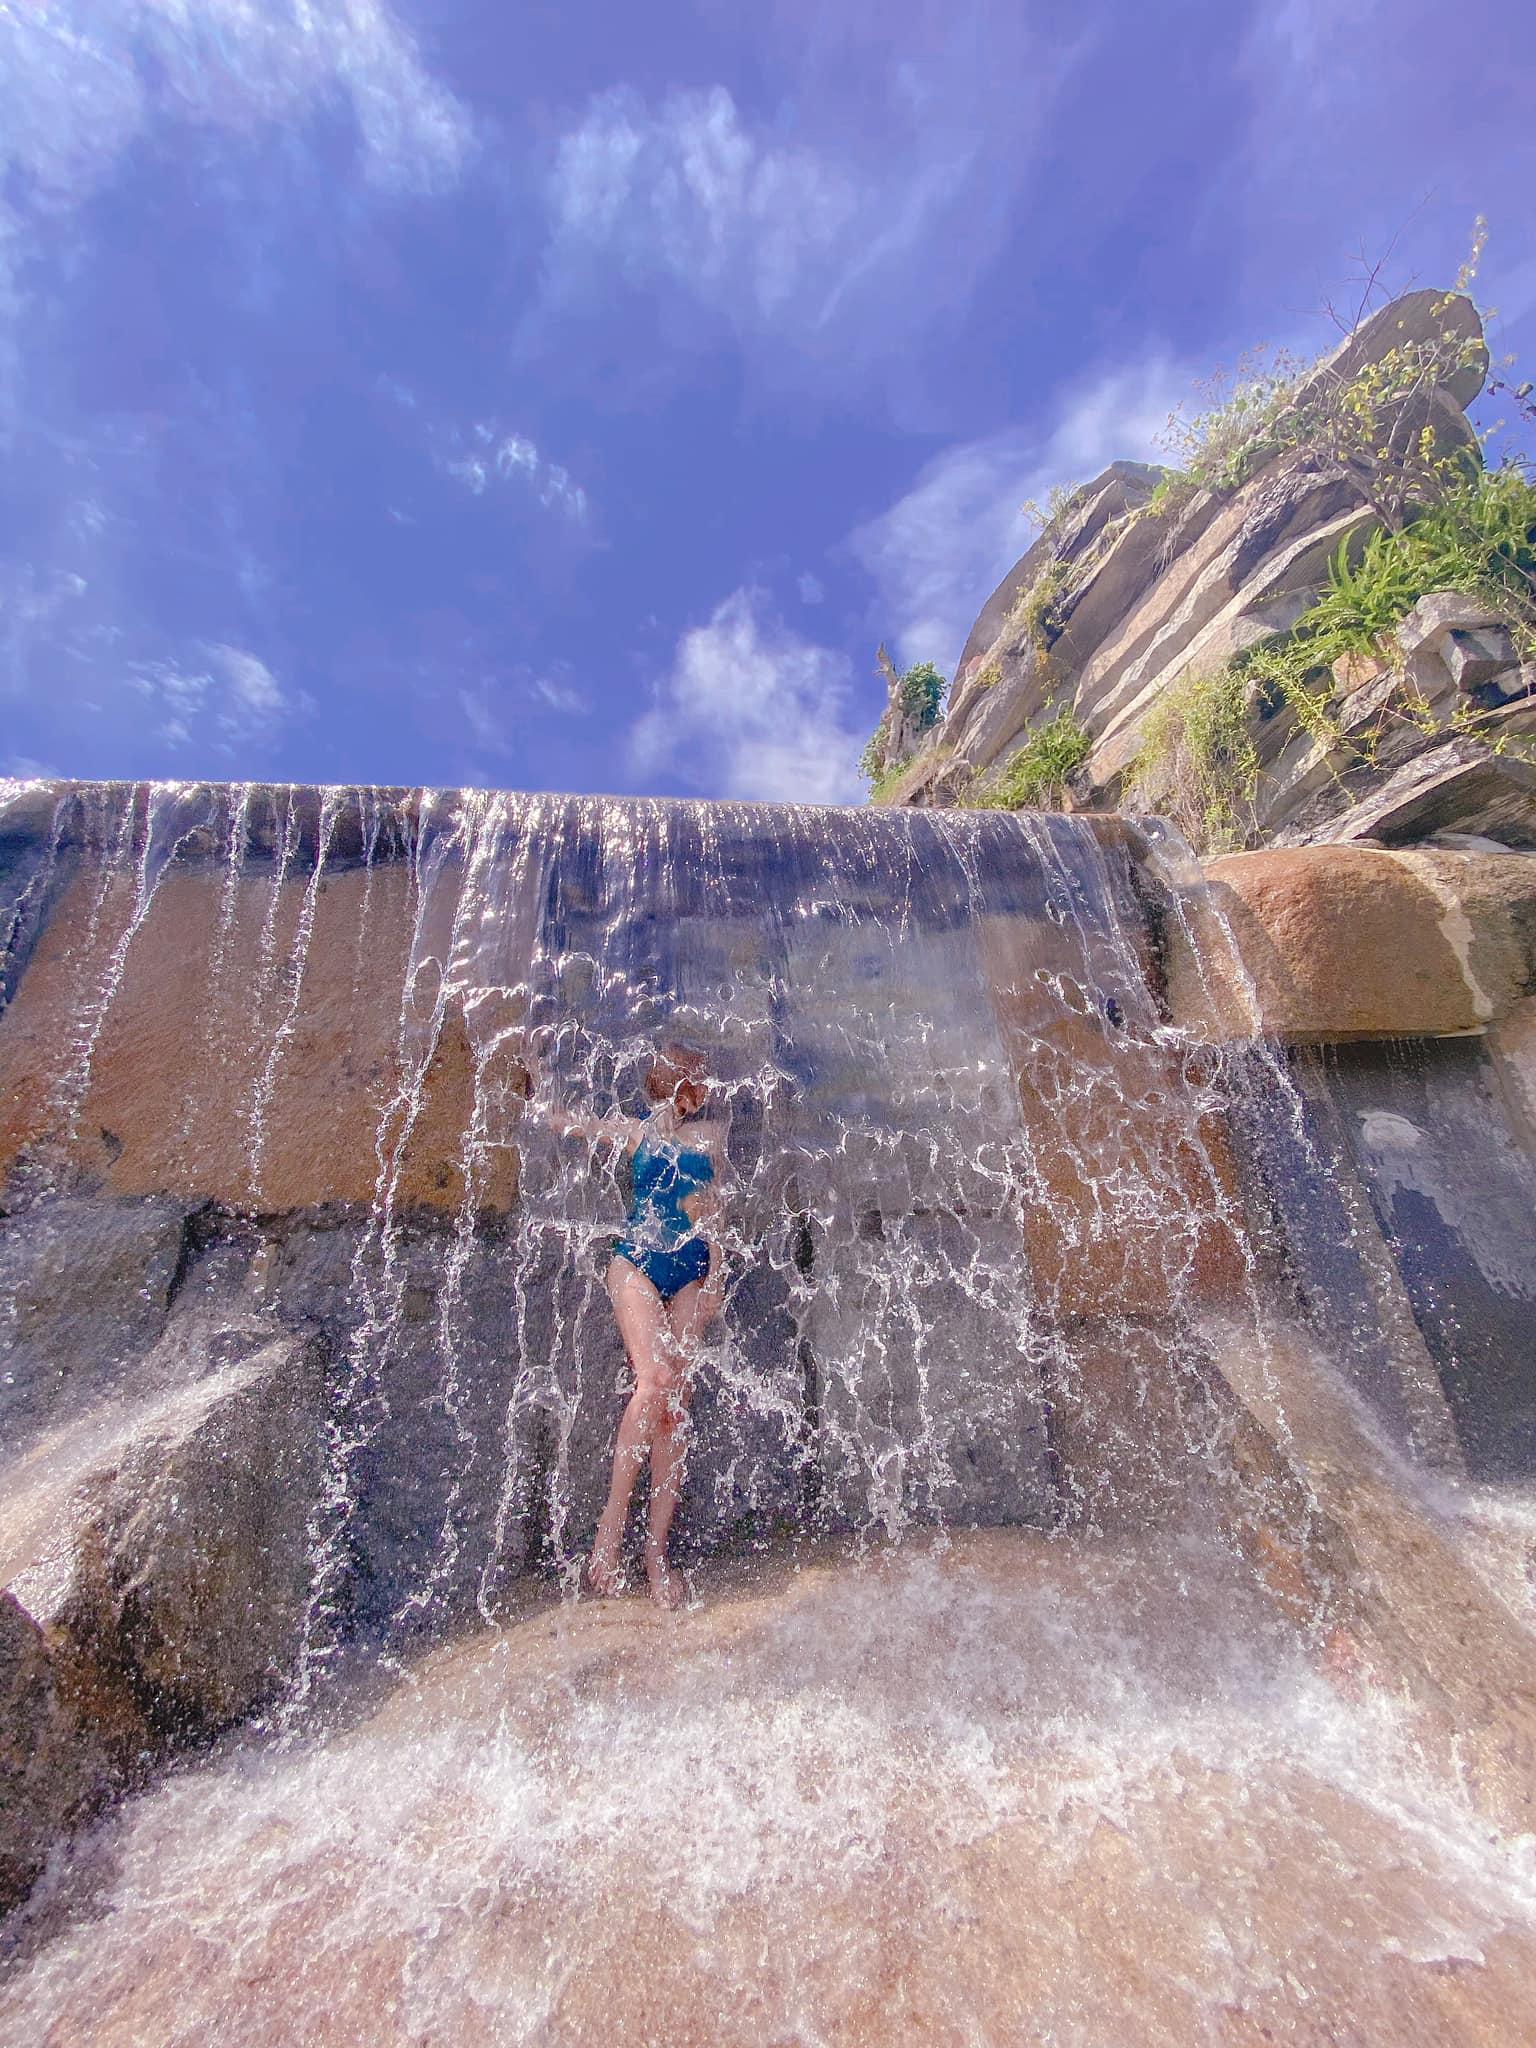 Tour du lịch từ Hải Phòng đi Nha Trang: Ưu đãi bất tận trong mùa hè này - Ảnh 7.